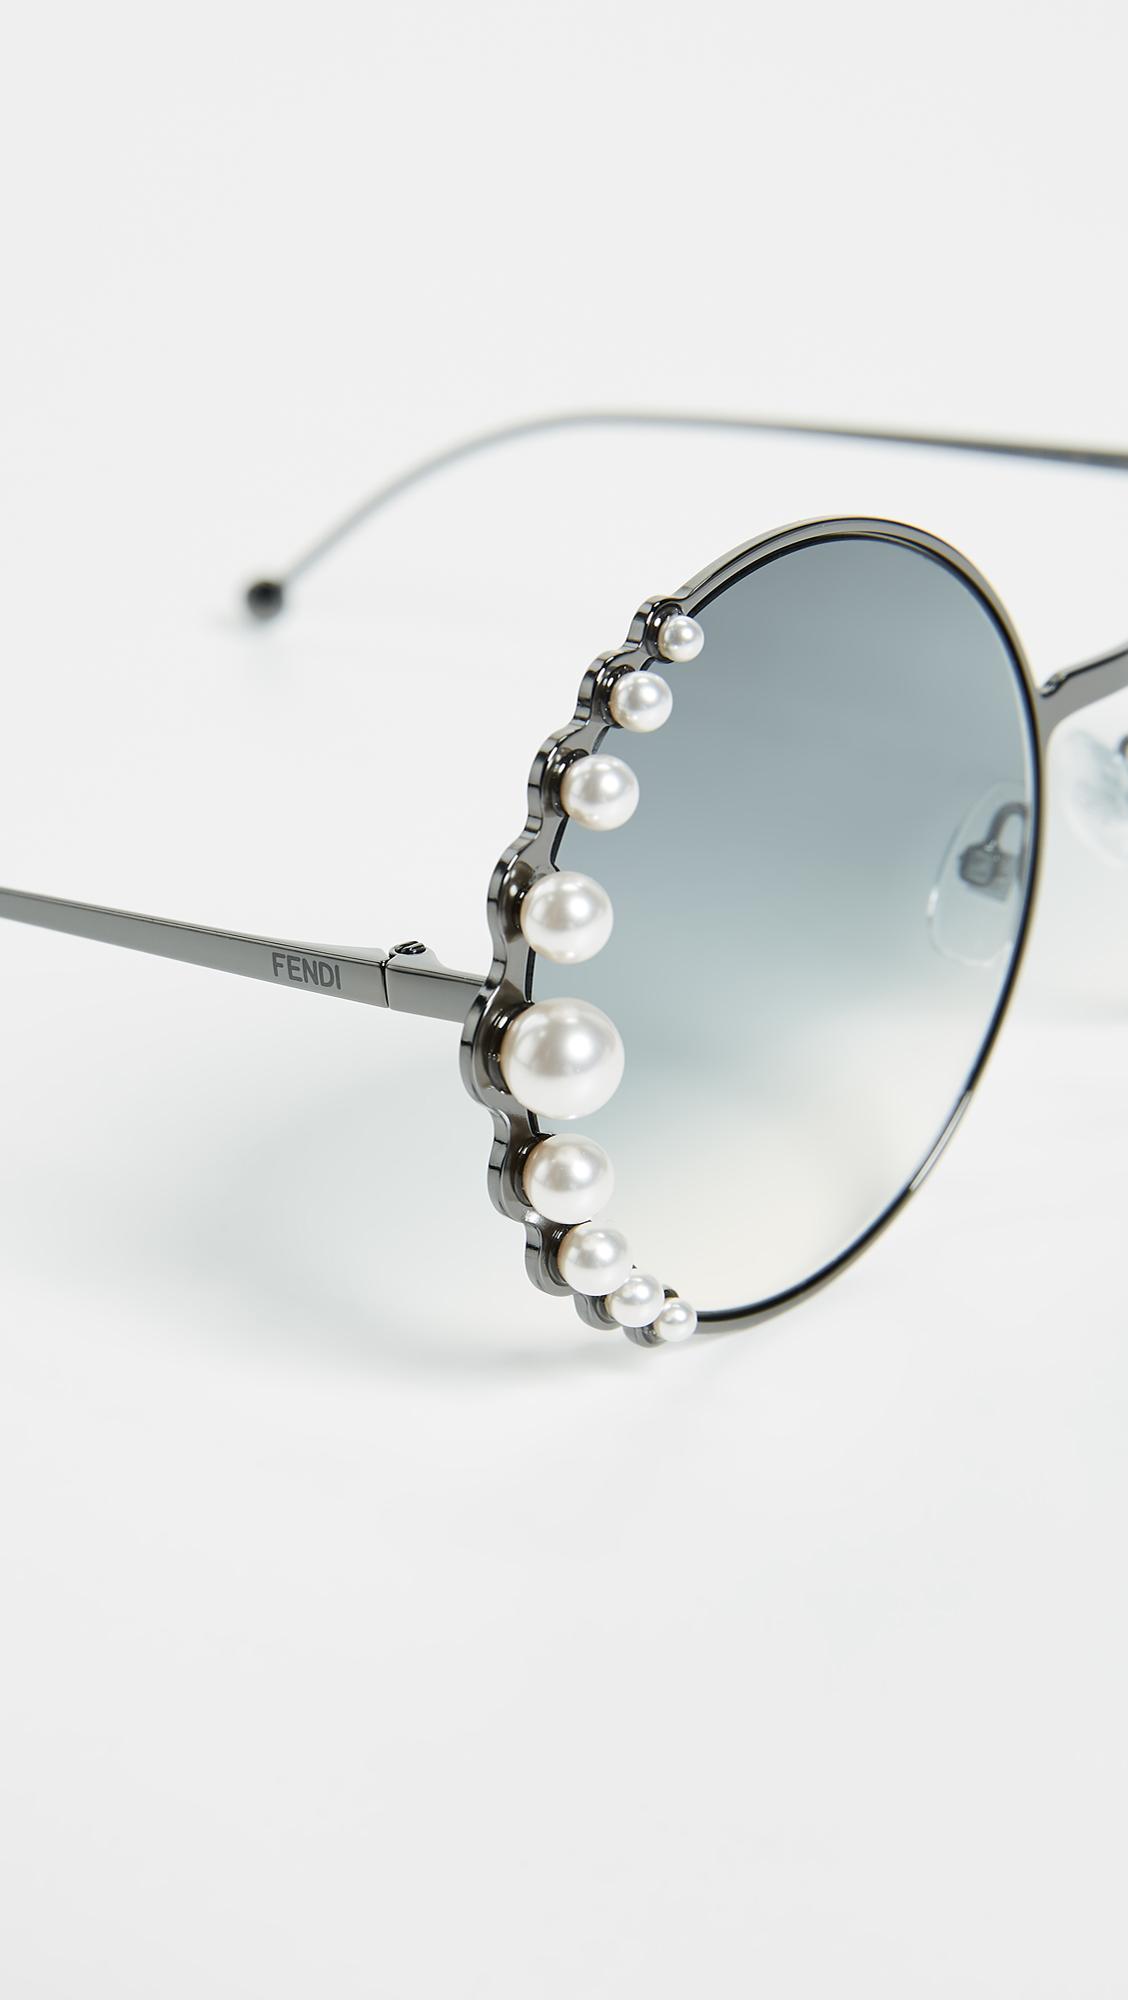 ecd2e013216 Fendi Round Pearl Frame Sunglasses